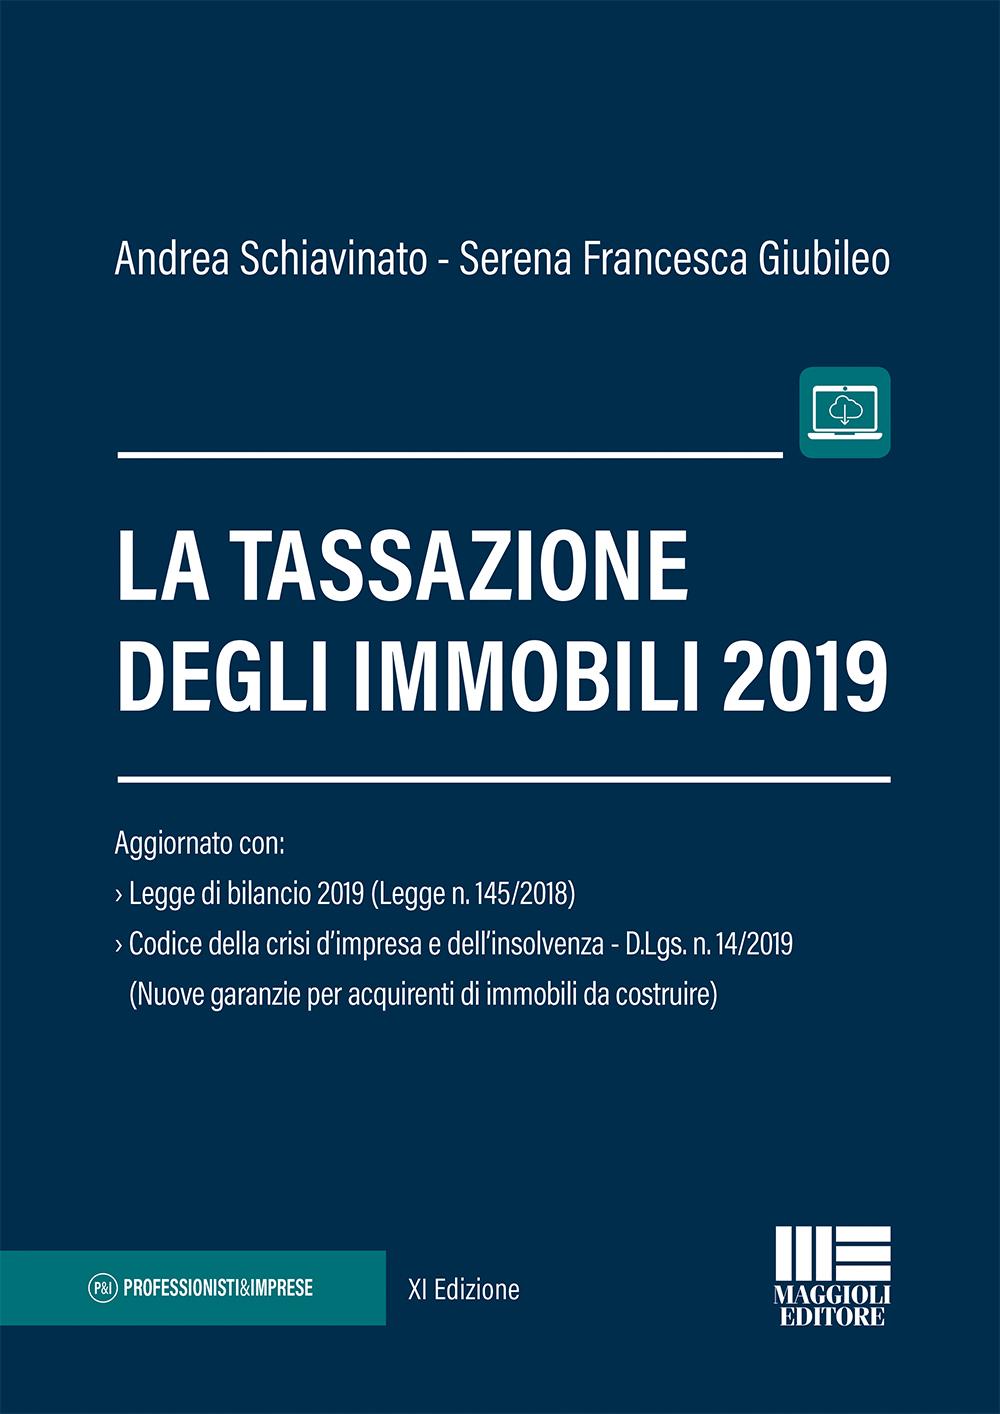 La tassazione degli immobili 2019